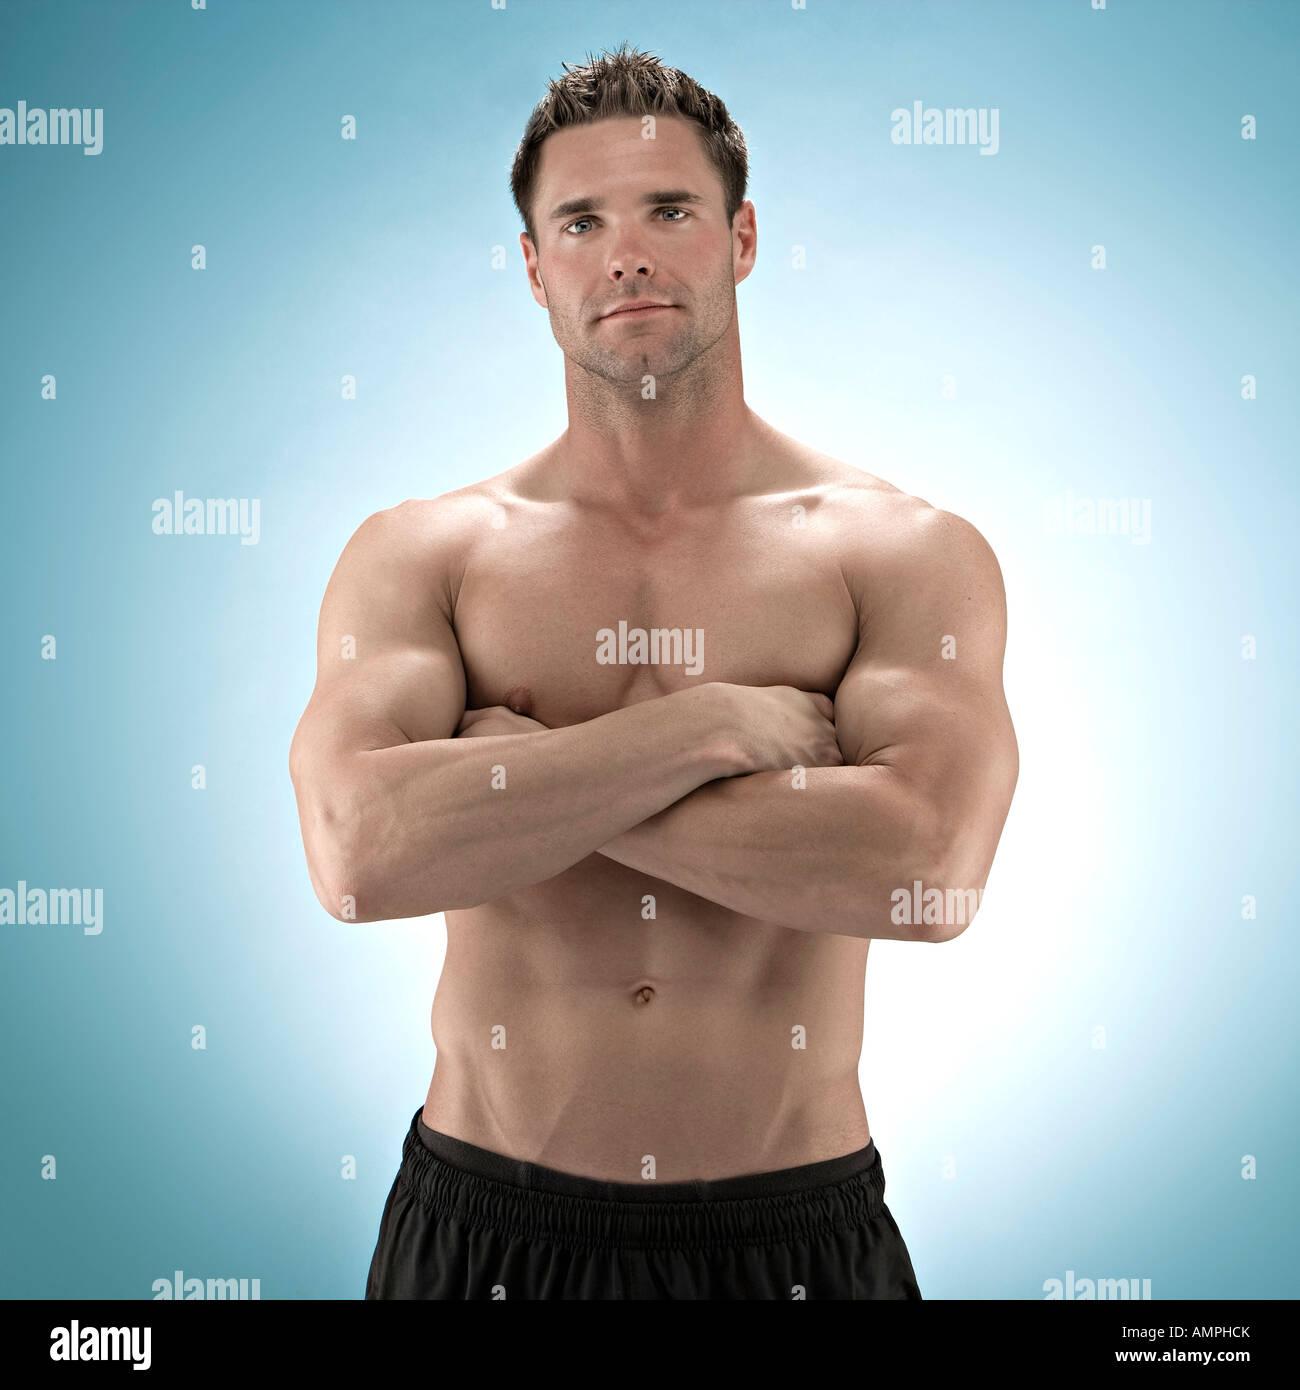 Beauty photo muscular de 20-30 años de edad con camisa. Imagen De Stock